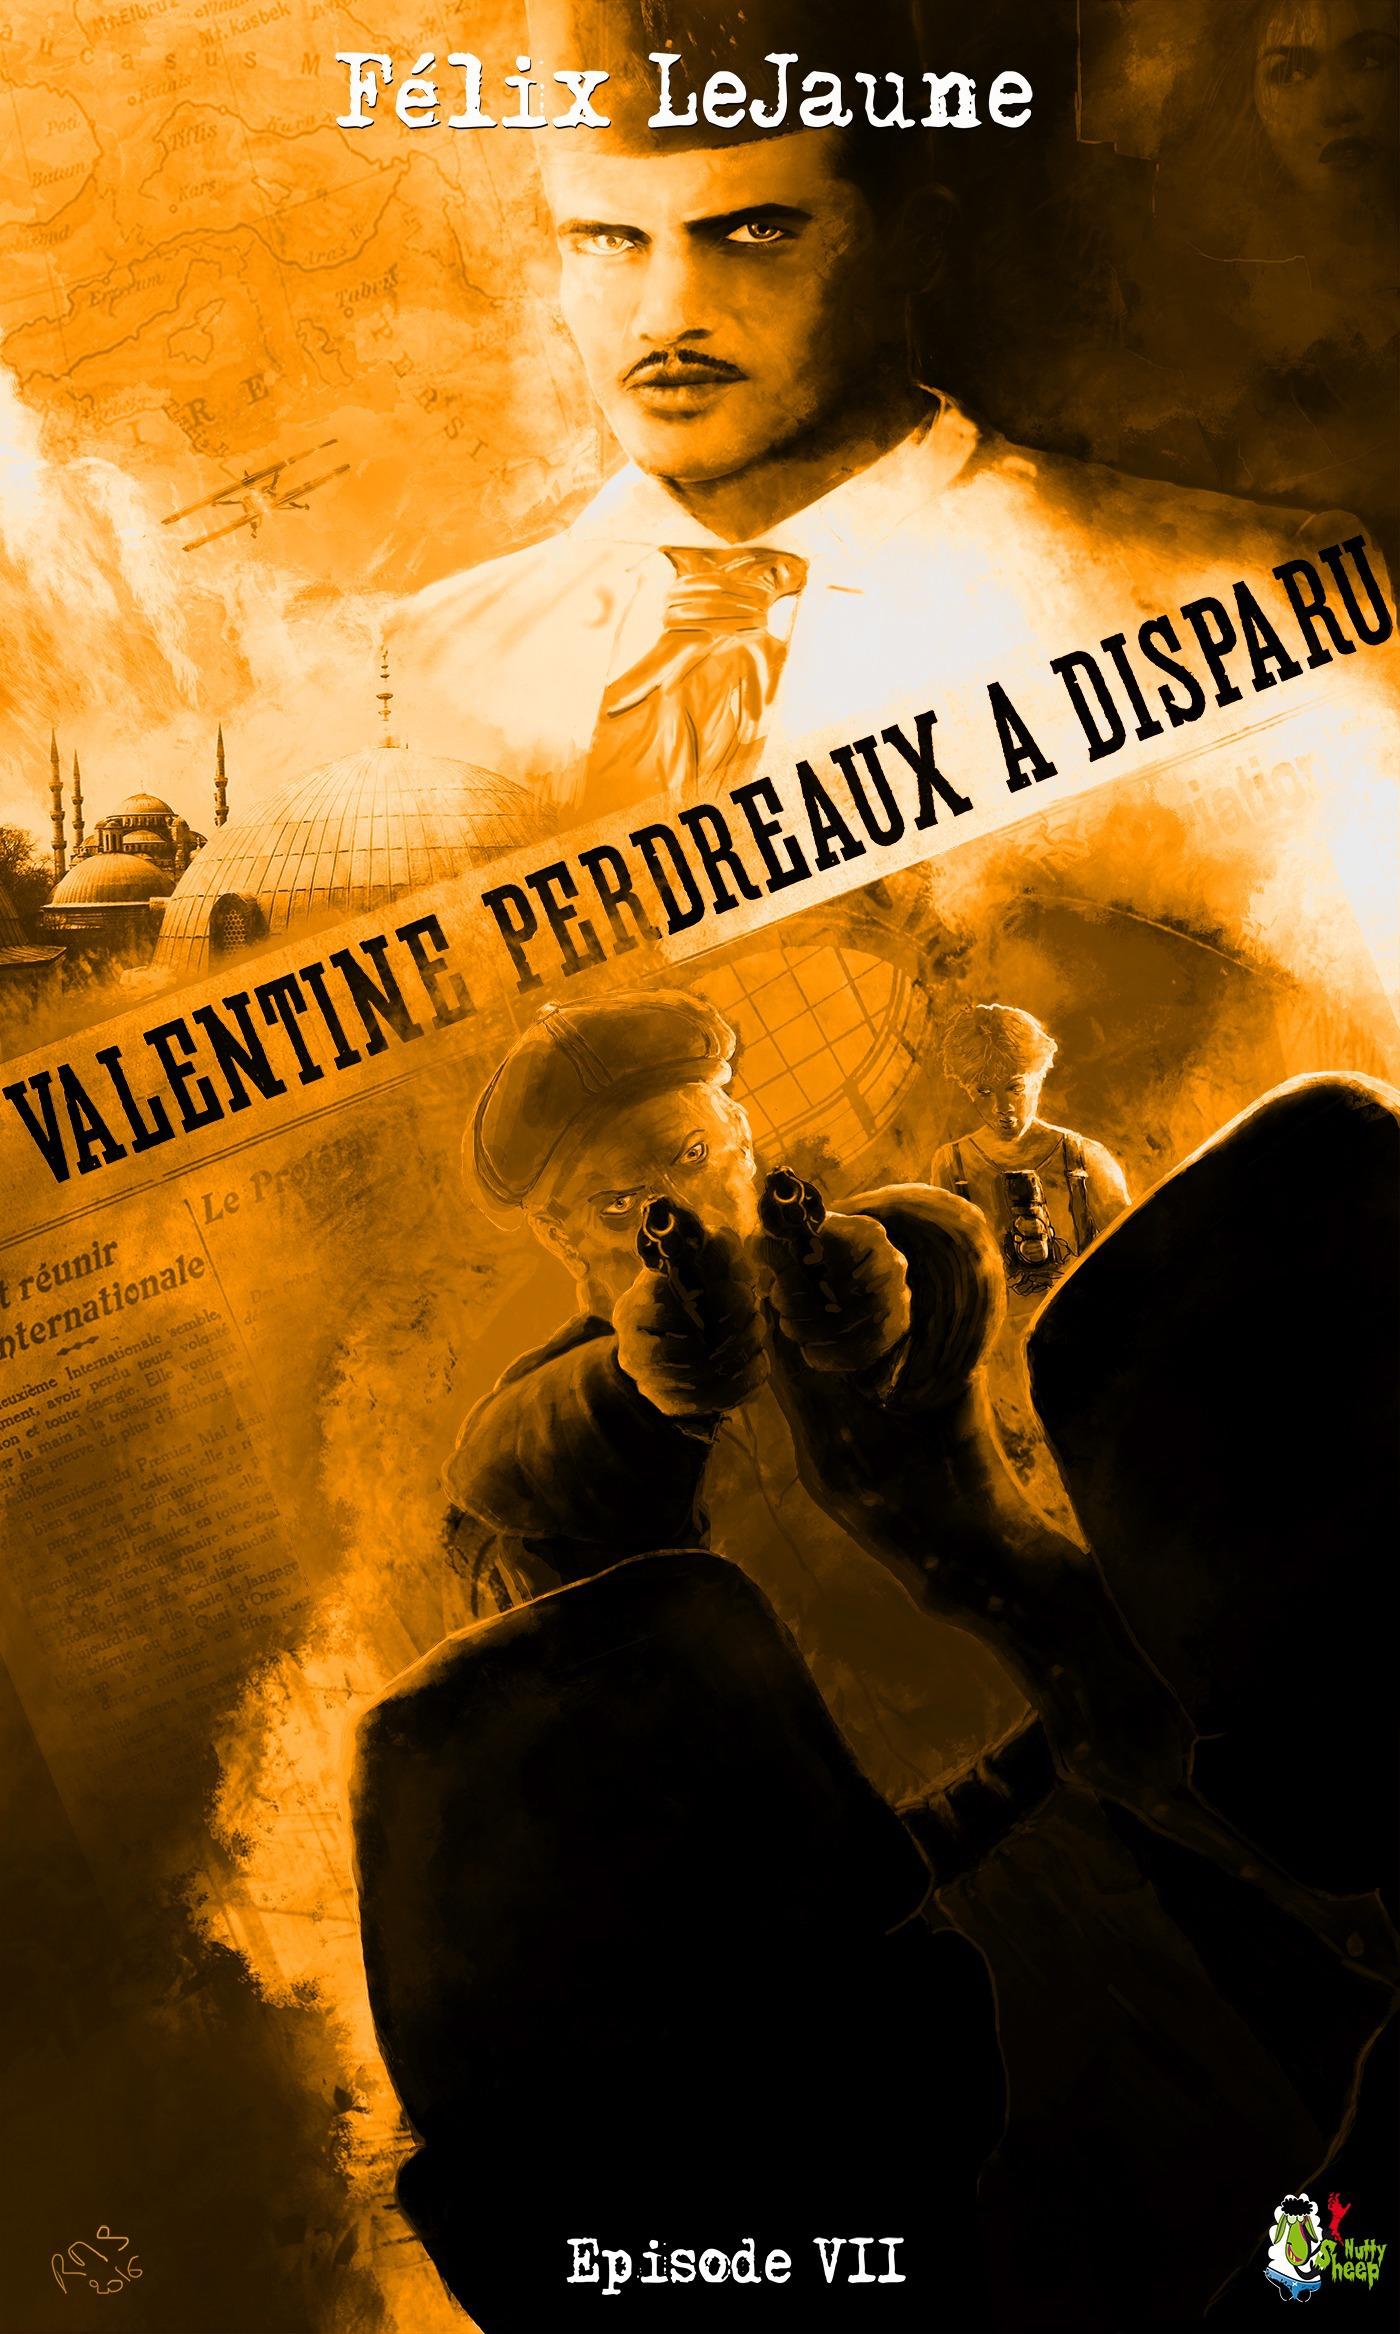 Valentine Perdreaux a disparu, Épisode 7